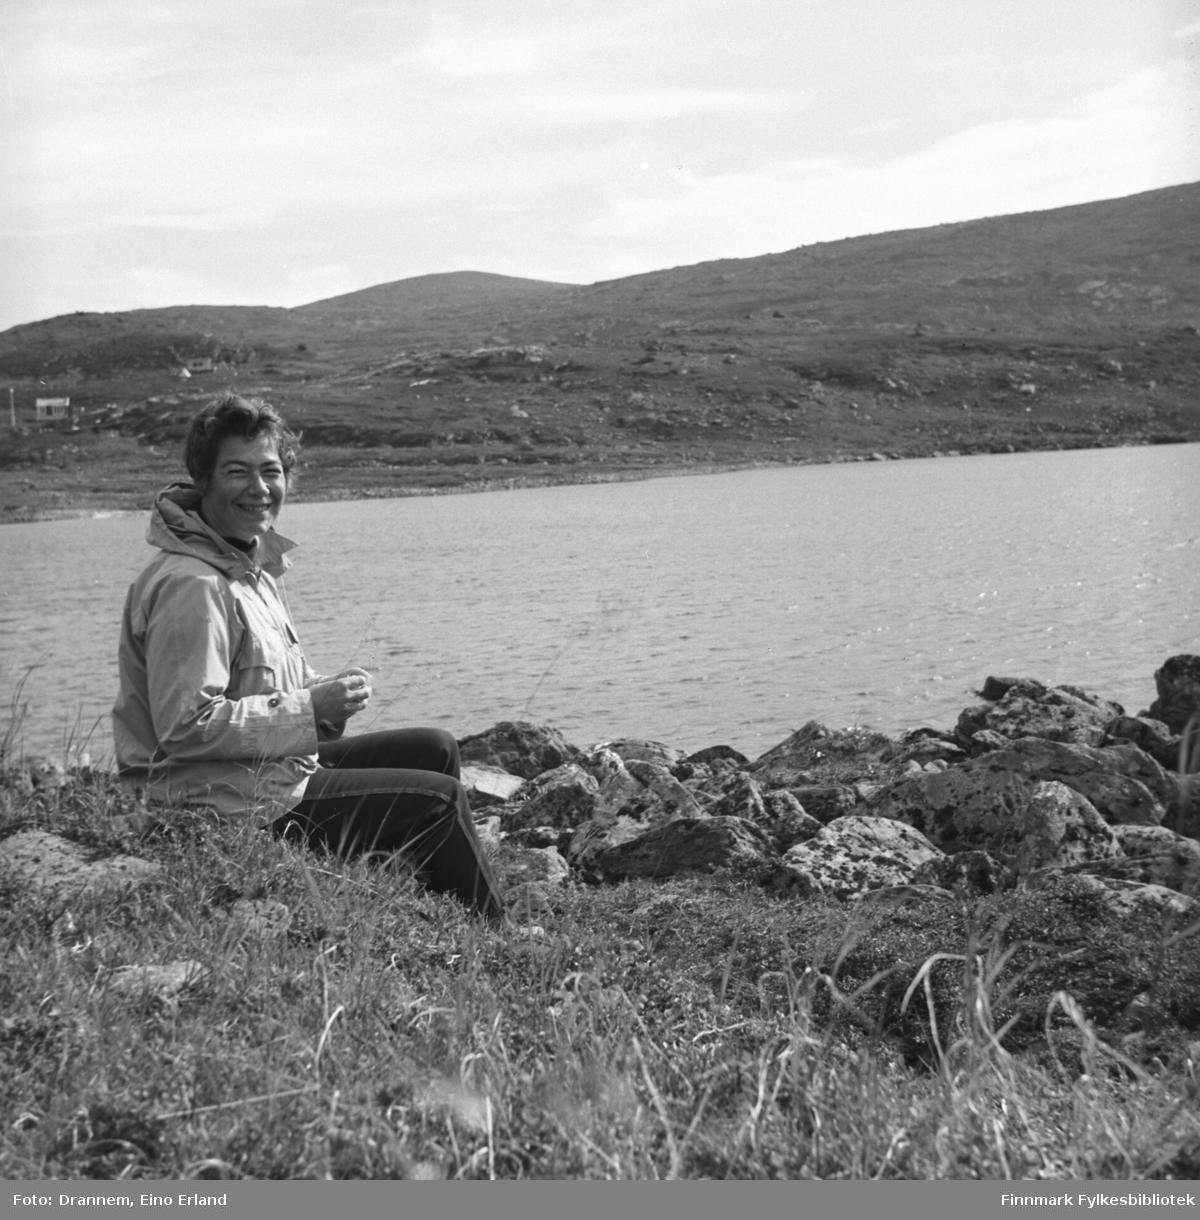 Et portrett av Jenny Drannem på fjelltur i nærheten av Hammerfest